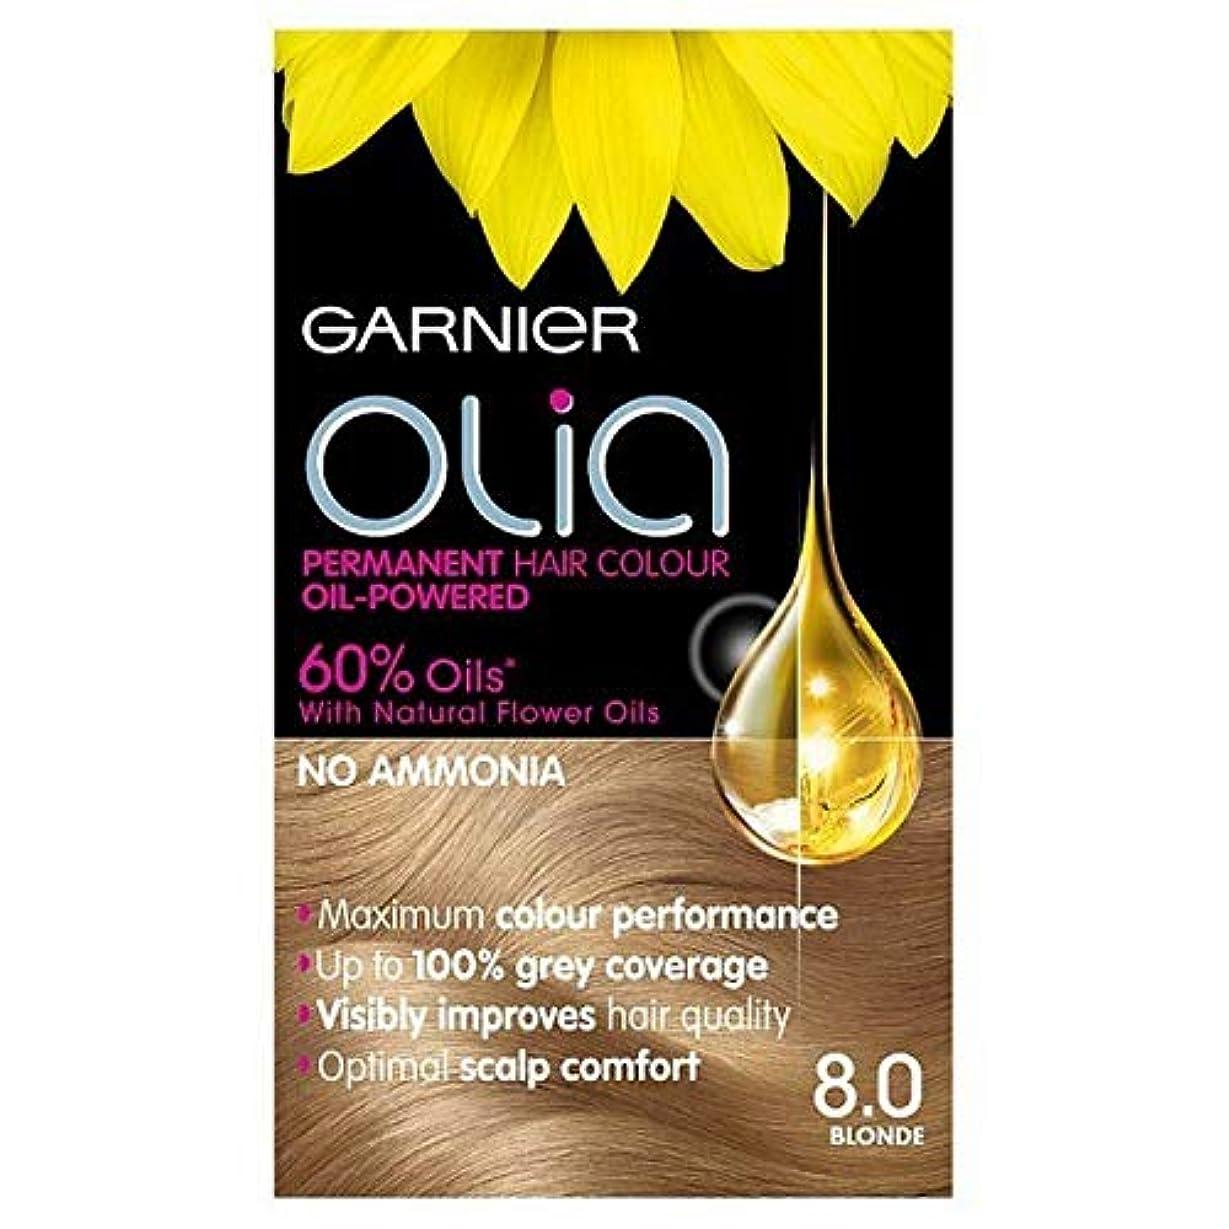 憎しみファンタジー北米[Garnier ] 8.0ブロンドガルニエOliaパーマネントヘアダイ - Garnier Olia Permanent Hair Dye Blonde 8.0 [並行輸入品]